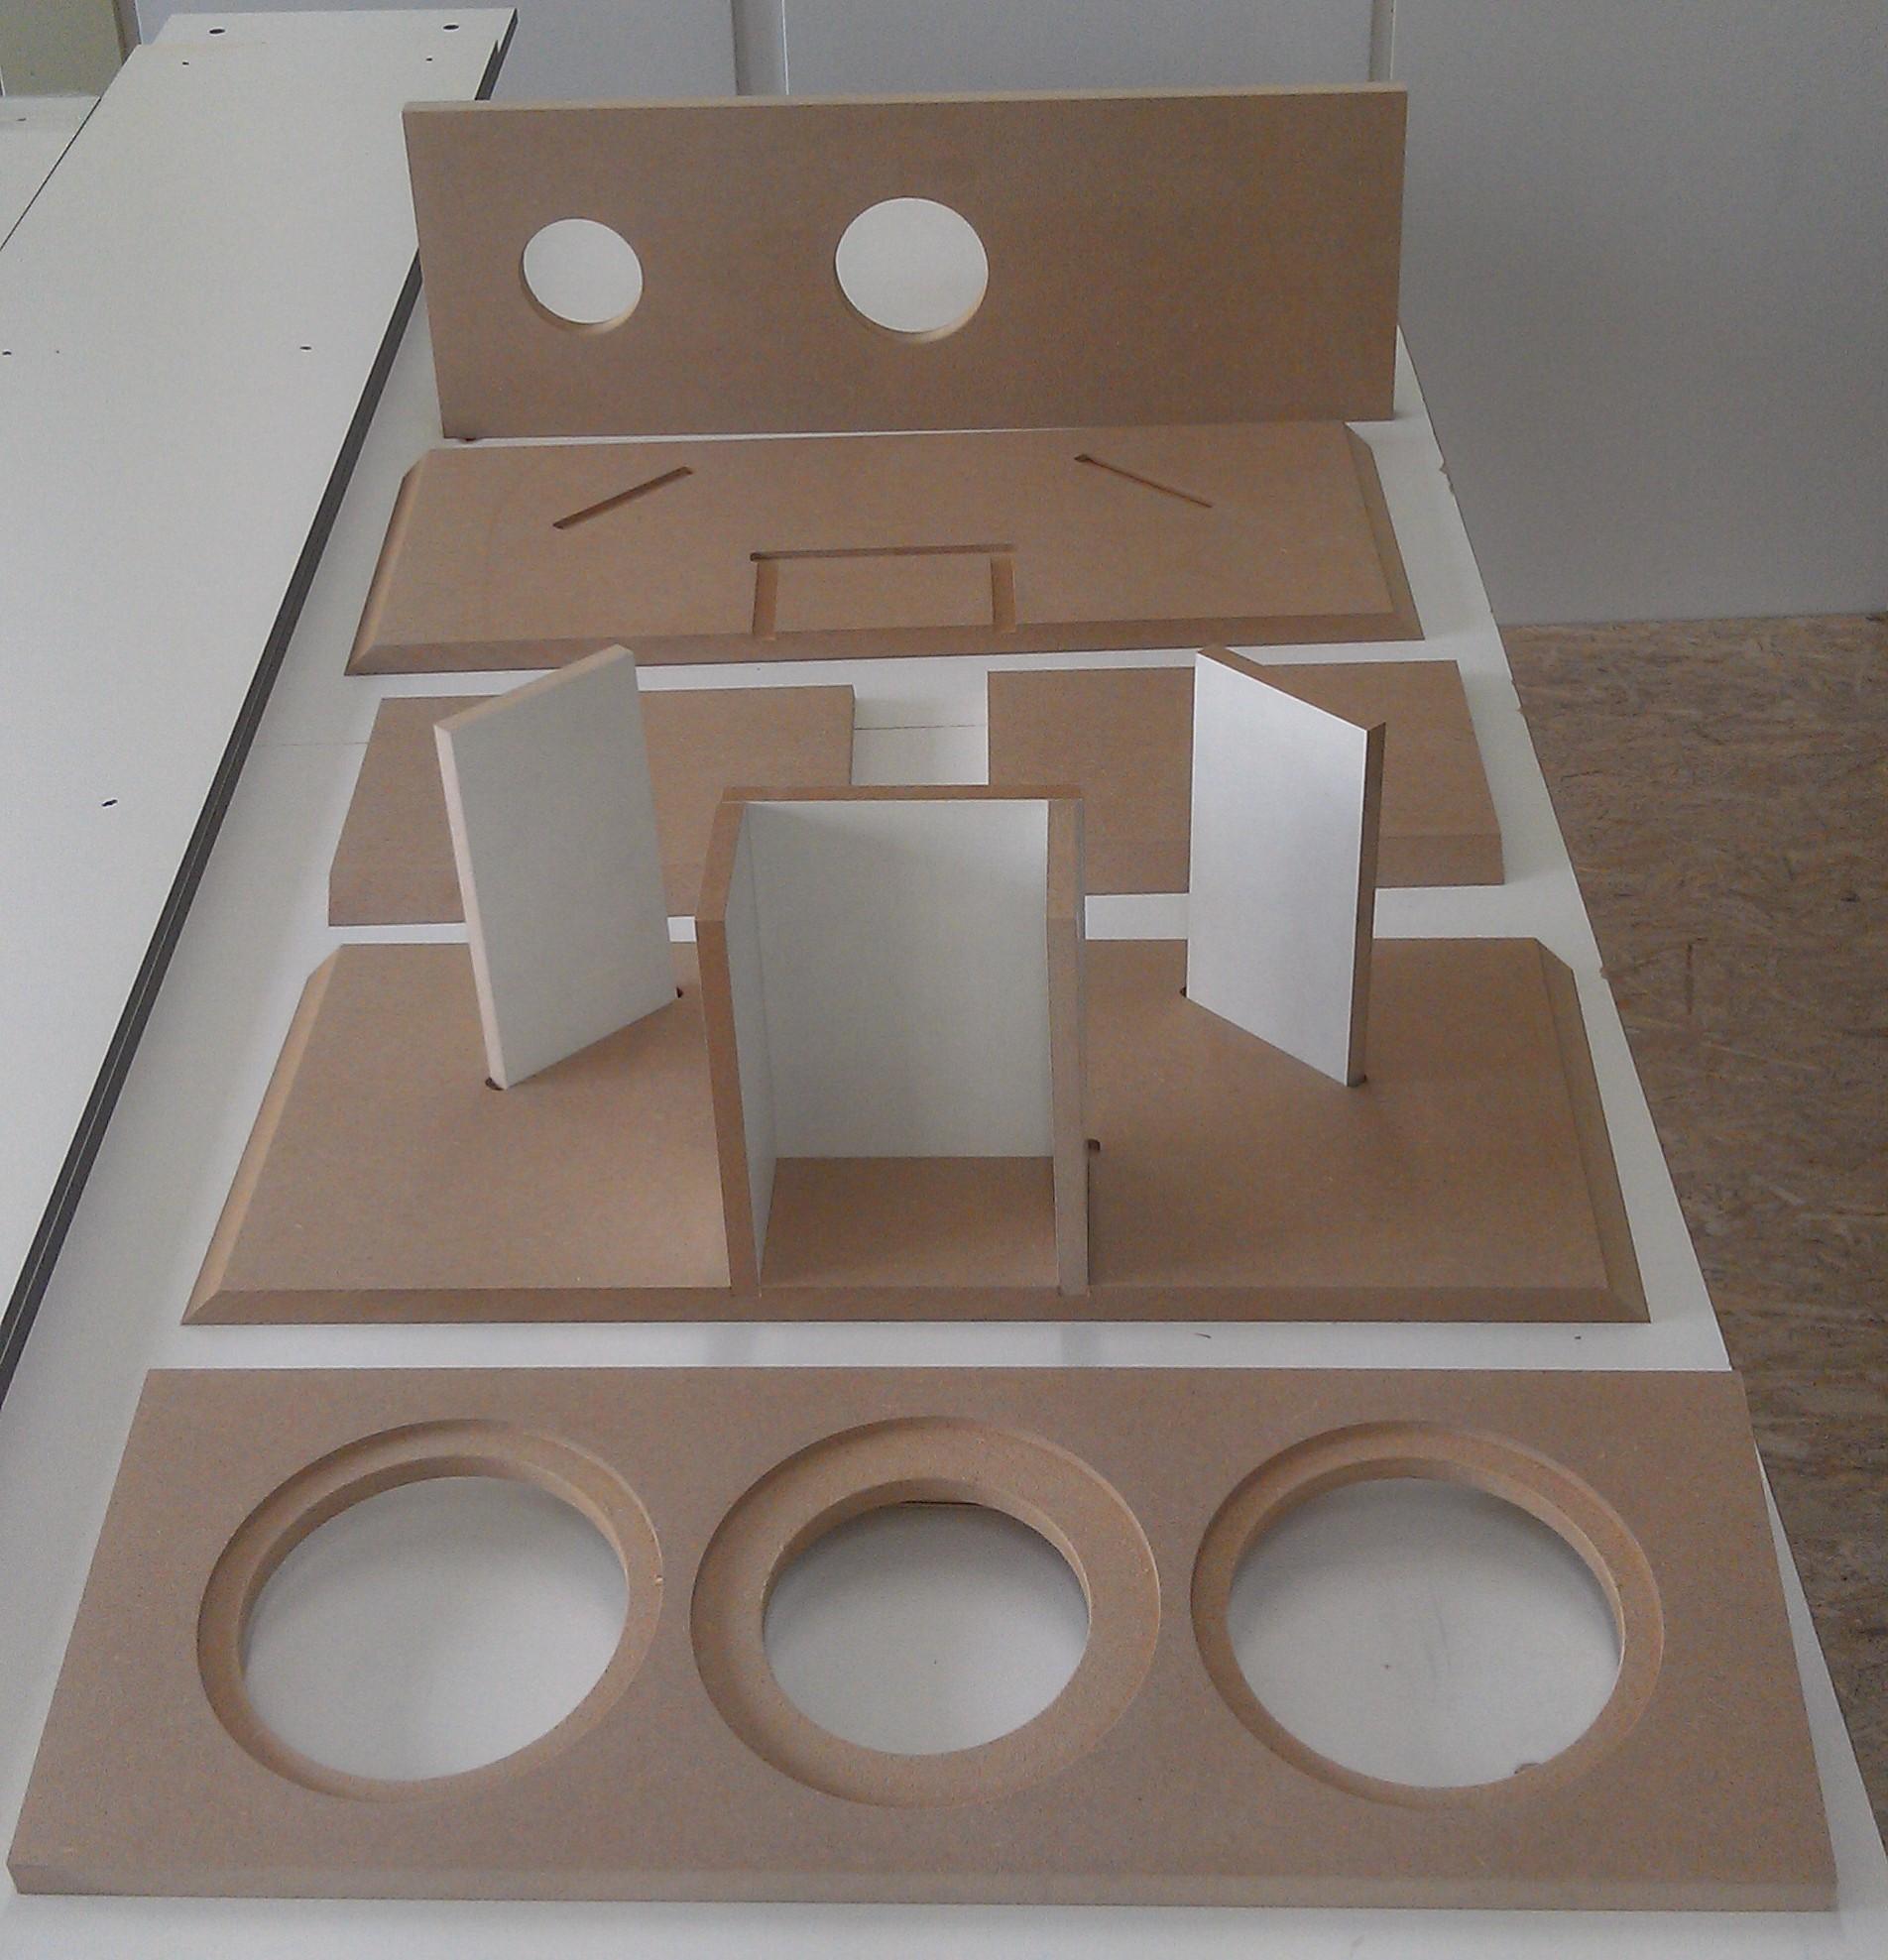 Triple Play MK2 Kompaktbox 4-2012 aus Klang+ Ton  Bild1